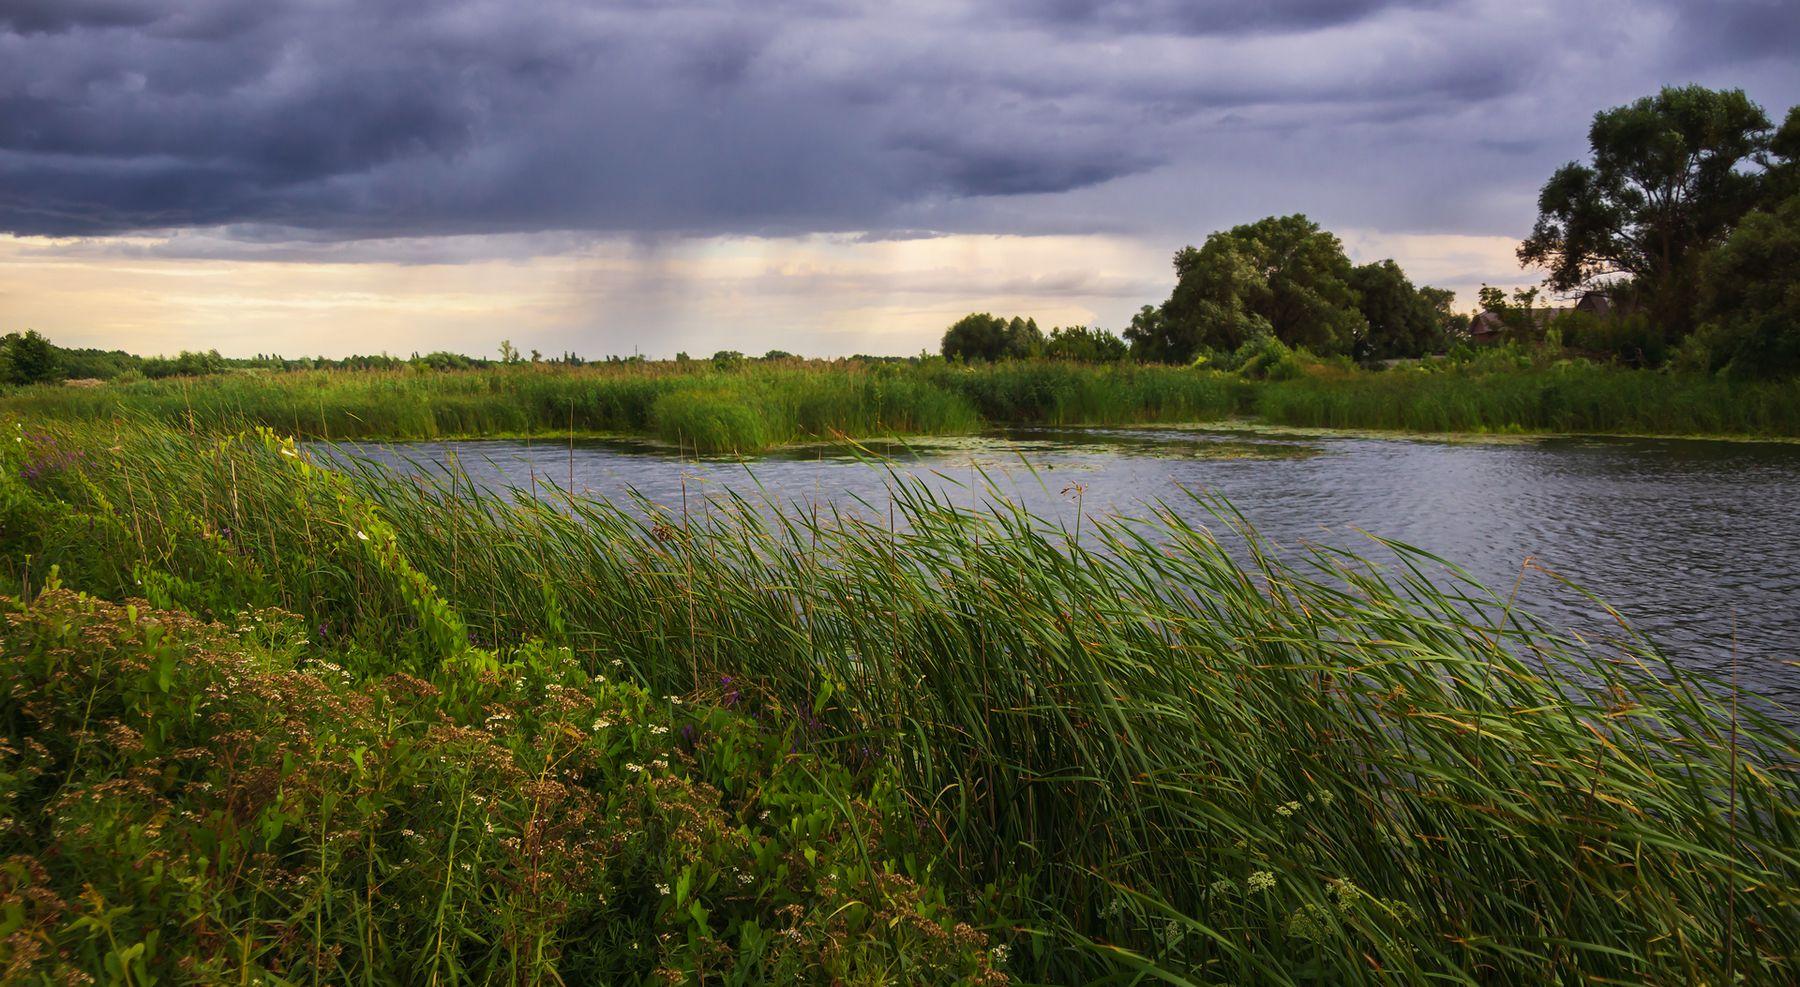 Вечерняя туча пейзаж природа вечер облака лето река Усманка Боровое Воронеж туча